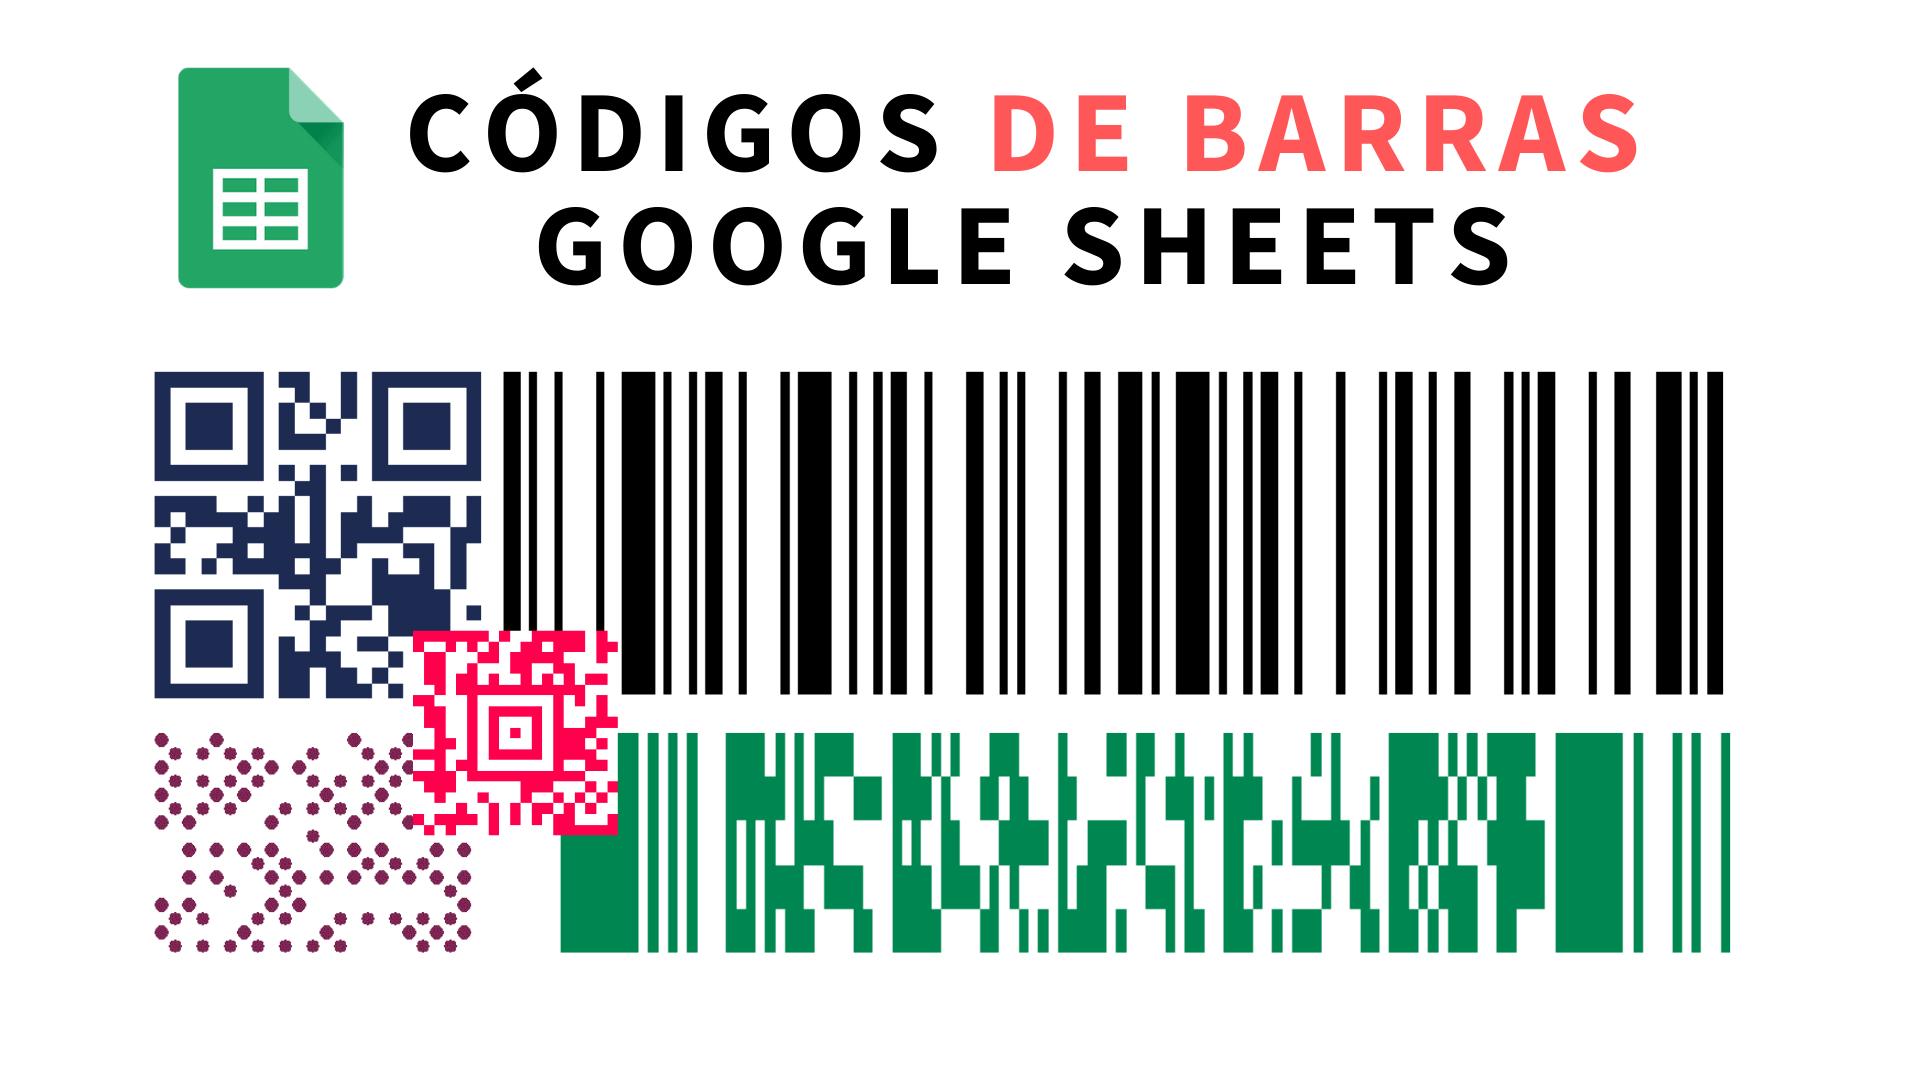 Generar diferentes tipos de códigos de barras 1D, QR, etc en hojas de cálculo de Google Sheets